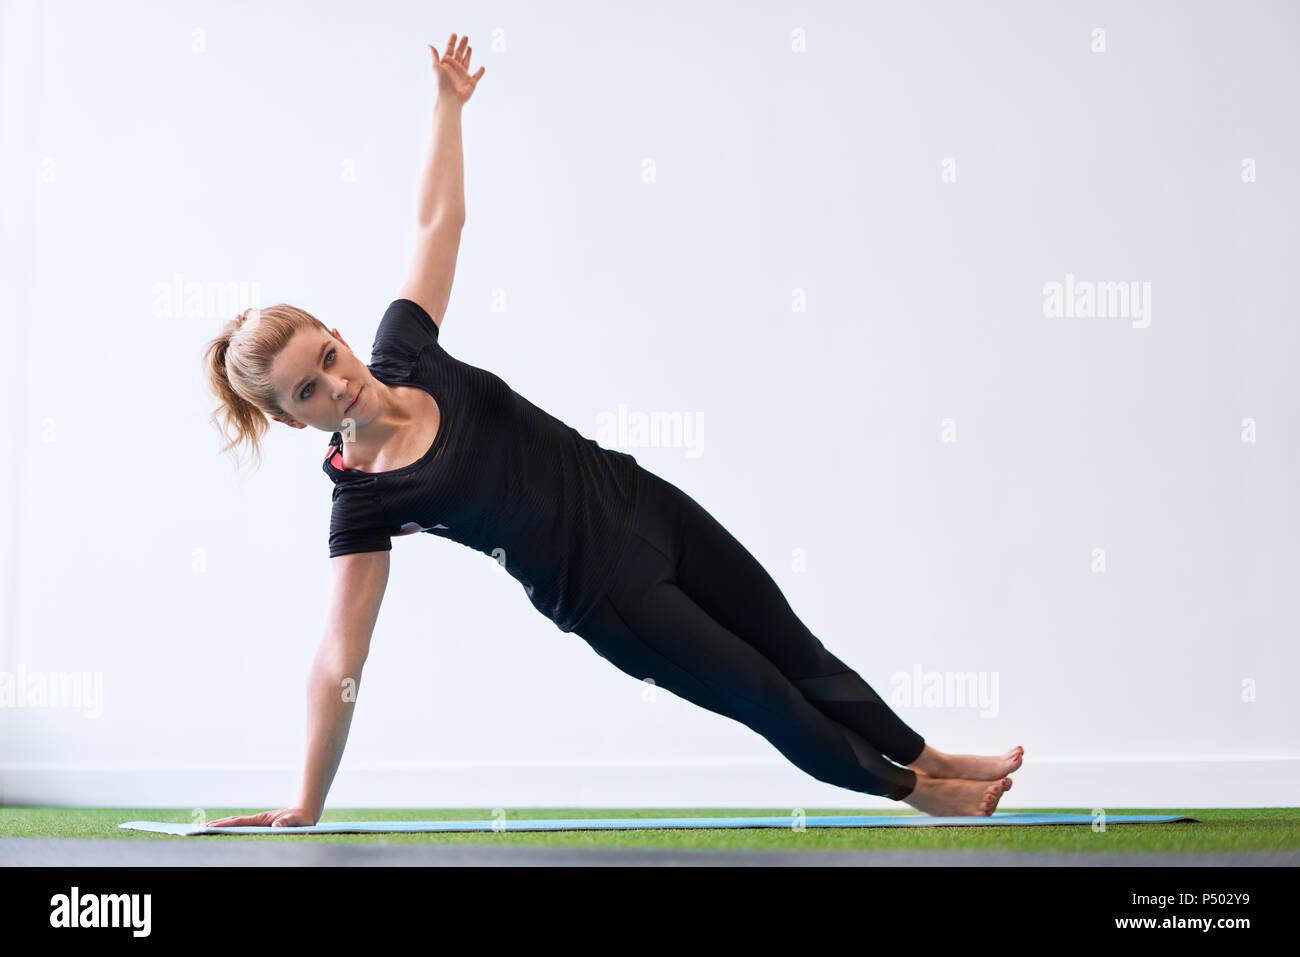 Mujer realizando plancha lateral ejercicio de yoga en studio Imagen De Stock